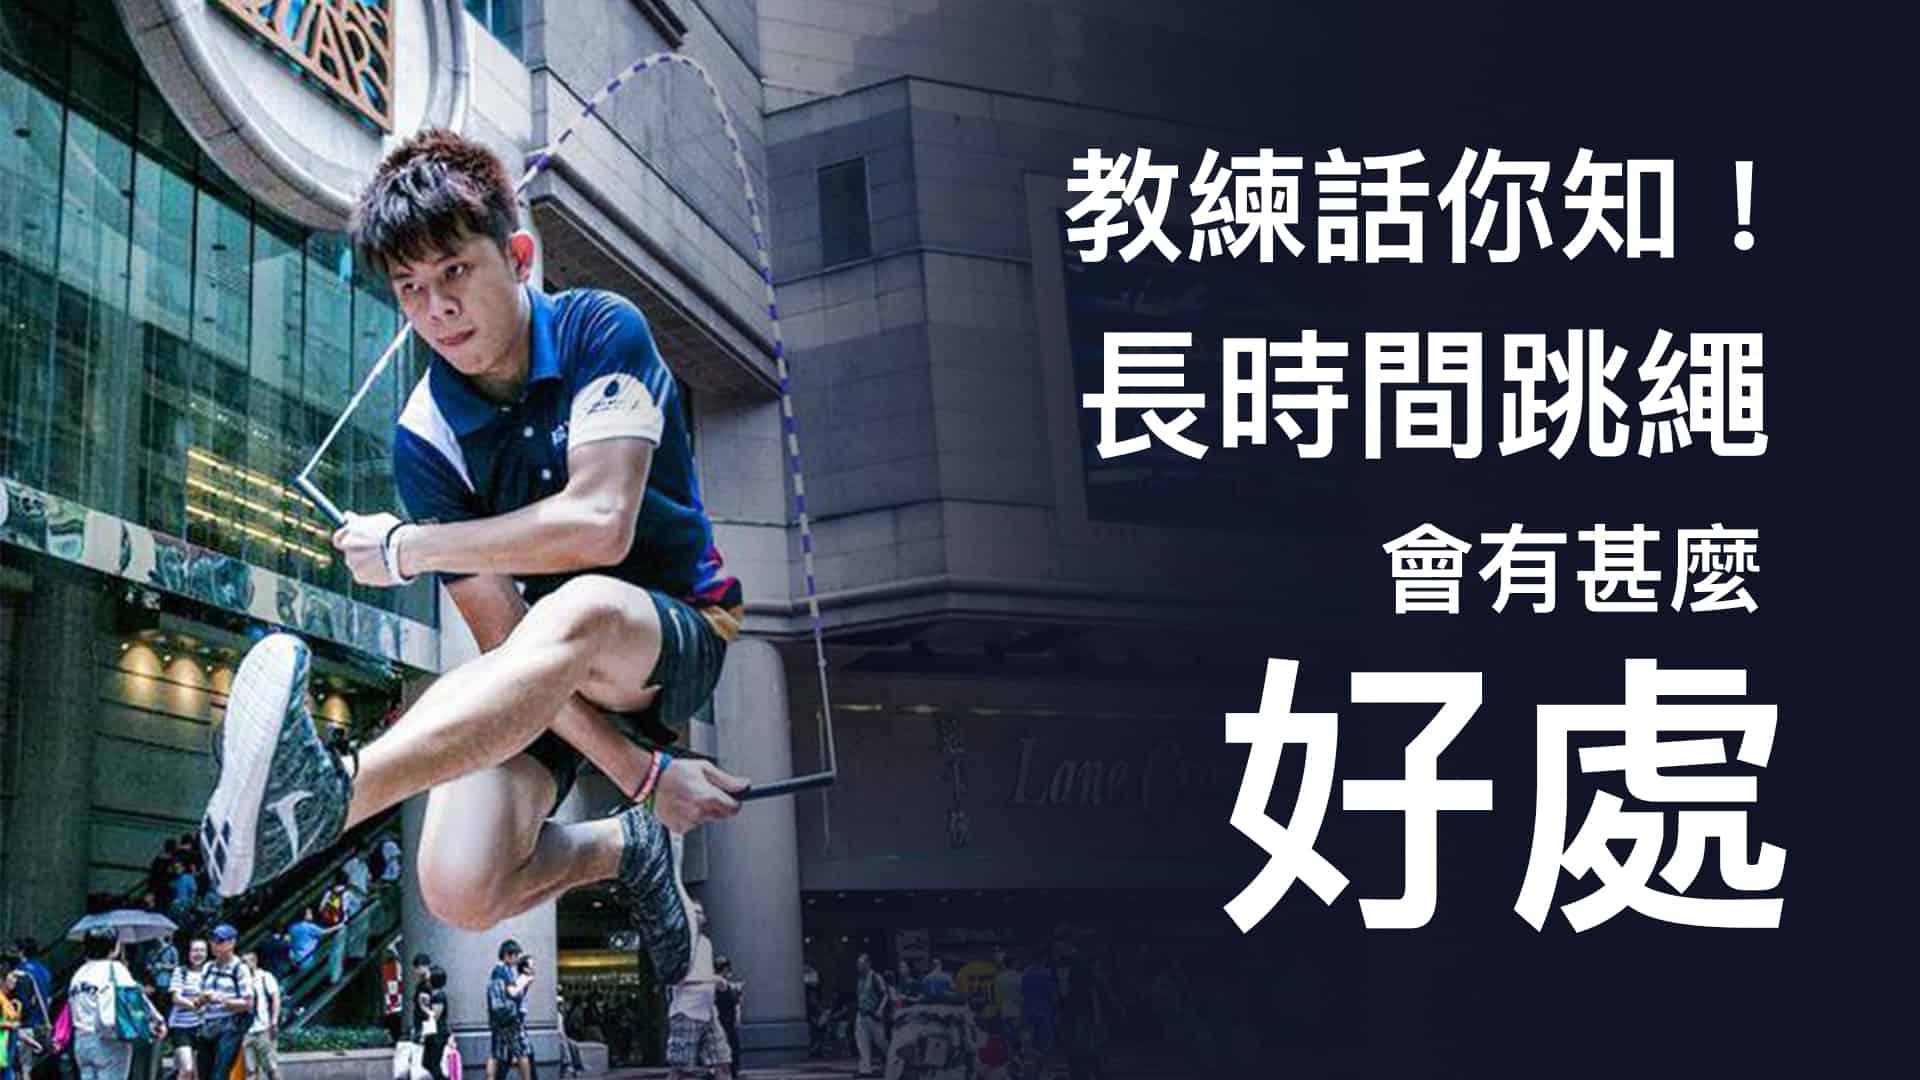 長時間跳繩好處-17年經驗跳繩教練告訴你對健康最好的投資-跳繩部落格-跳繩知識-香港繩飛揚-VSHK-RopeSkipping.jpg